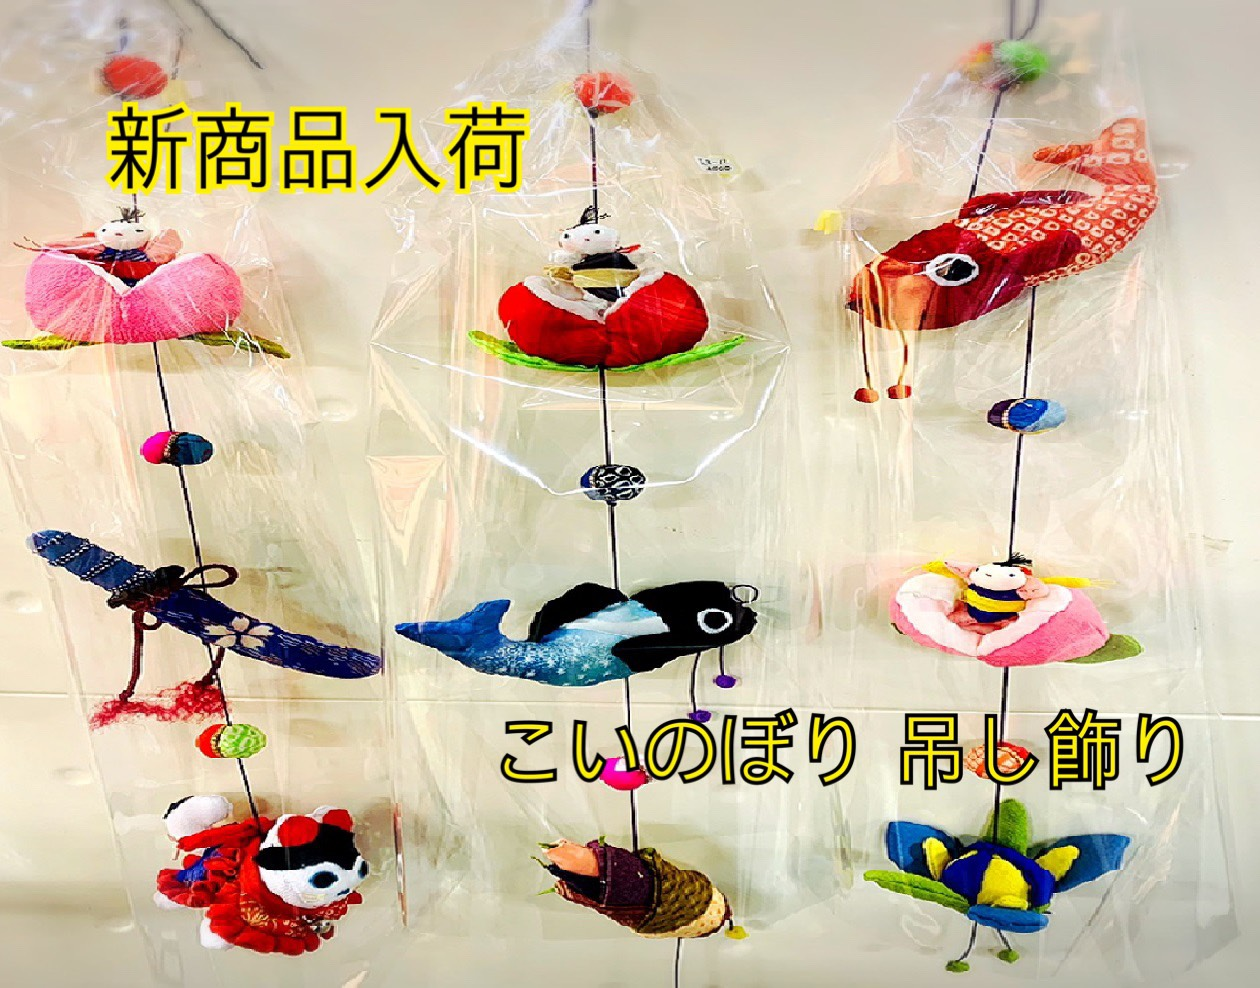 【みなみな屋 新商品追加】吊るし飾りでこどもの日をお祝いしよう!